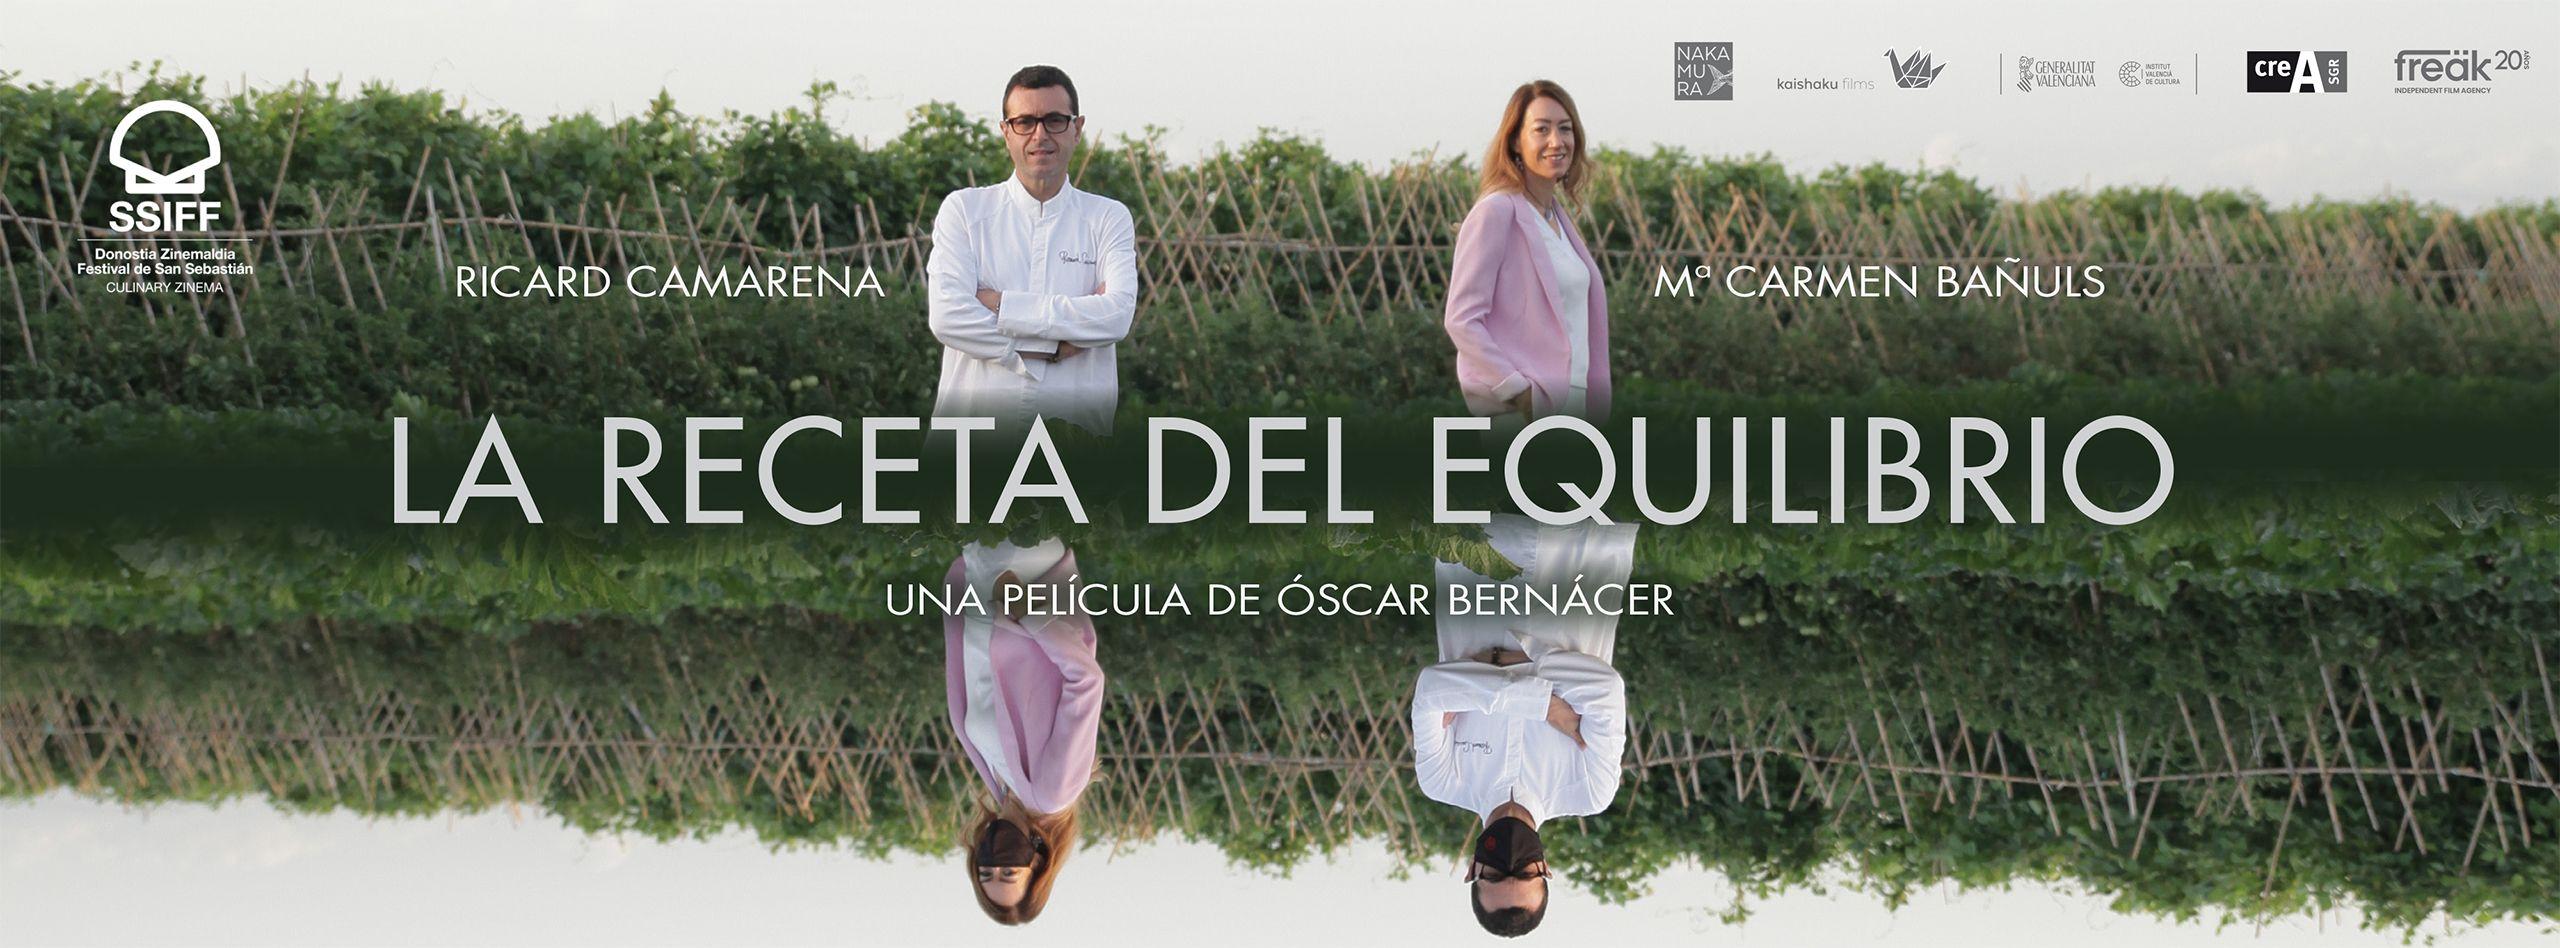 'La Receta del Equilibrio', el documental protagonizado por Ricard Camarena y Mari Carmen Bañuls, se estrena en el Festival de San Sebastián